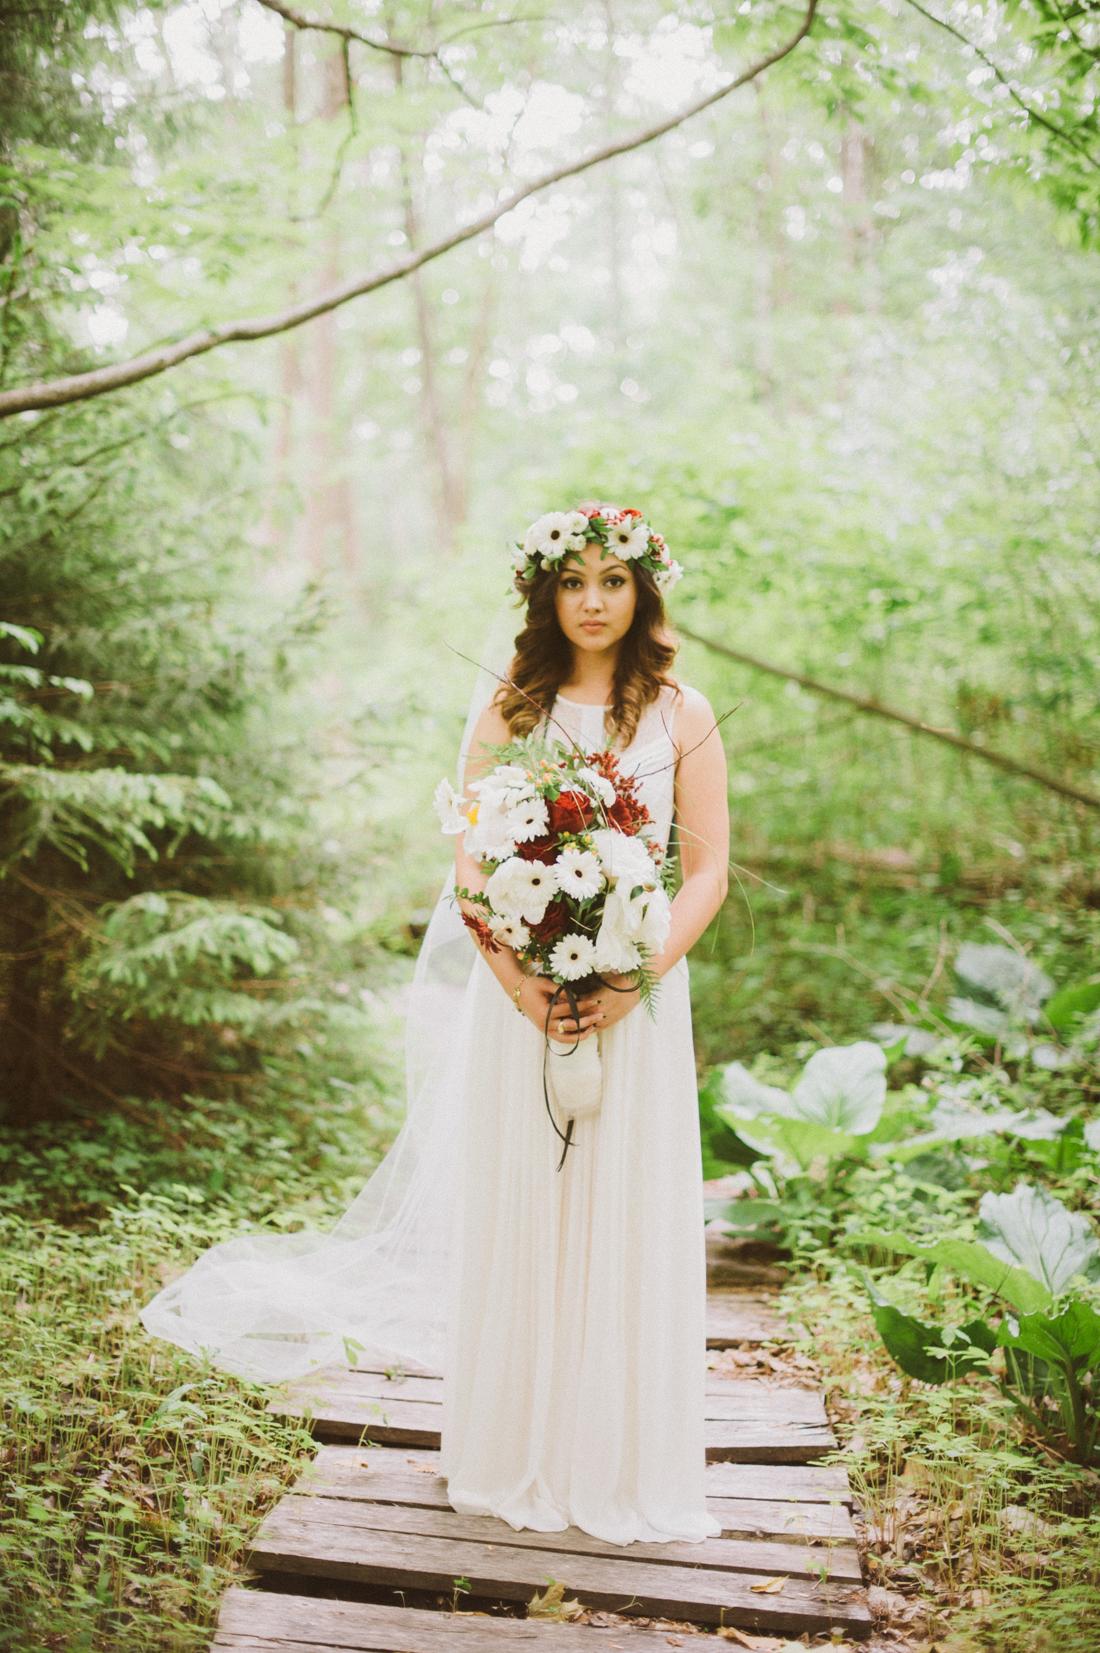 derekhui-wedding-mj-websize-326.jpg